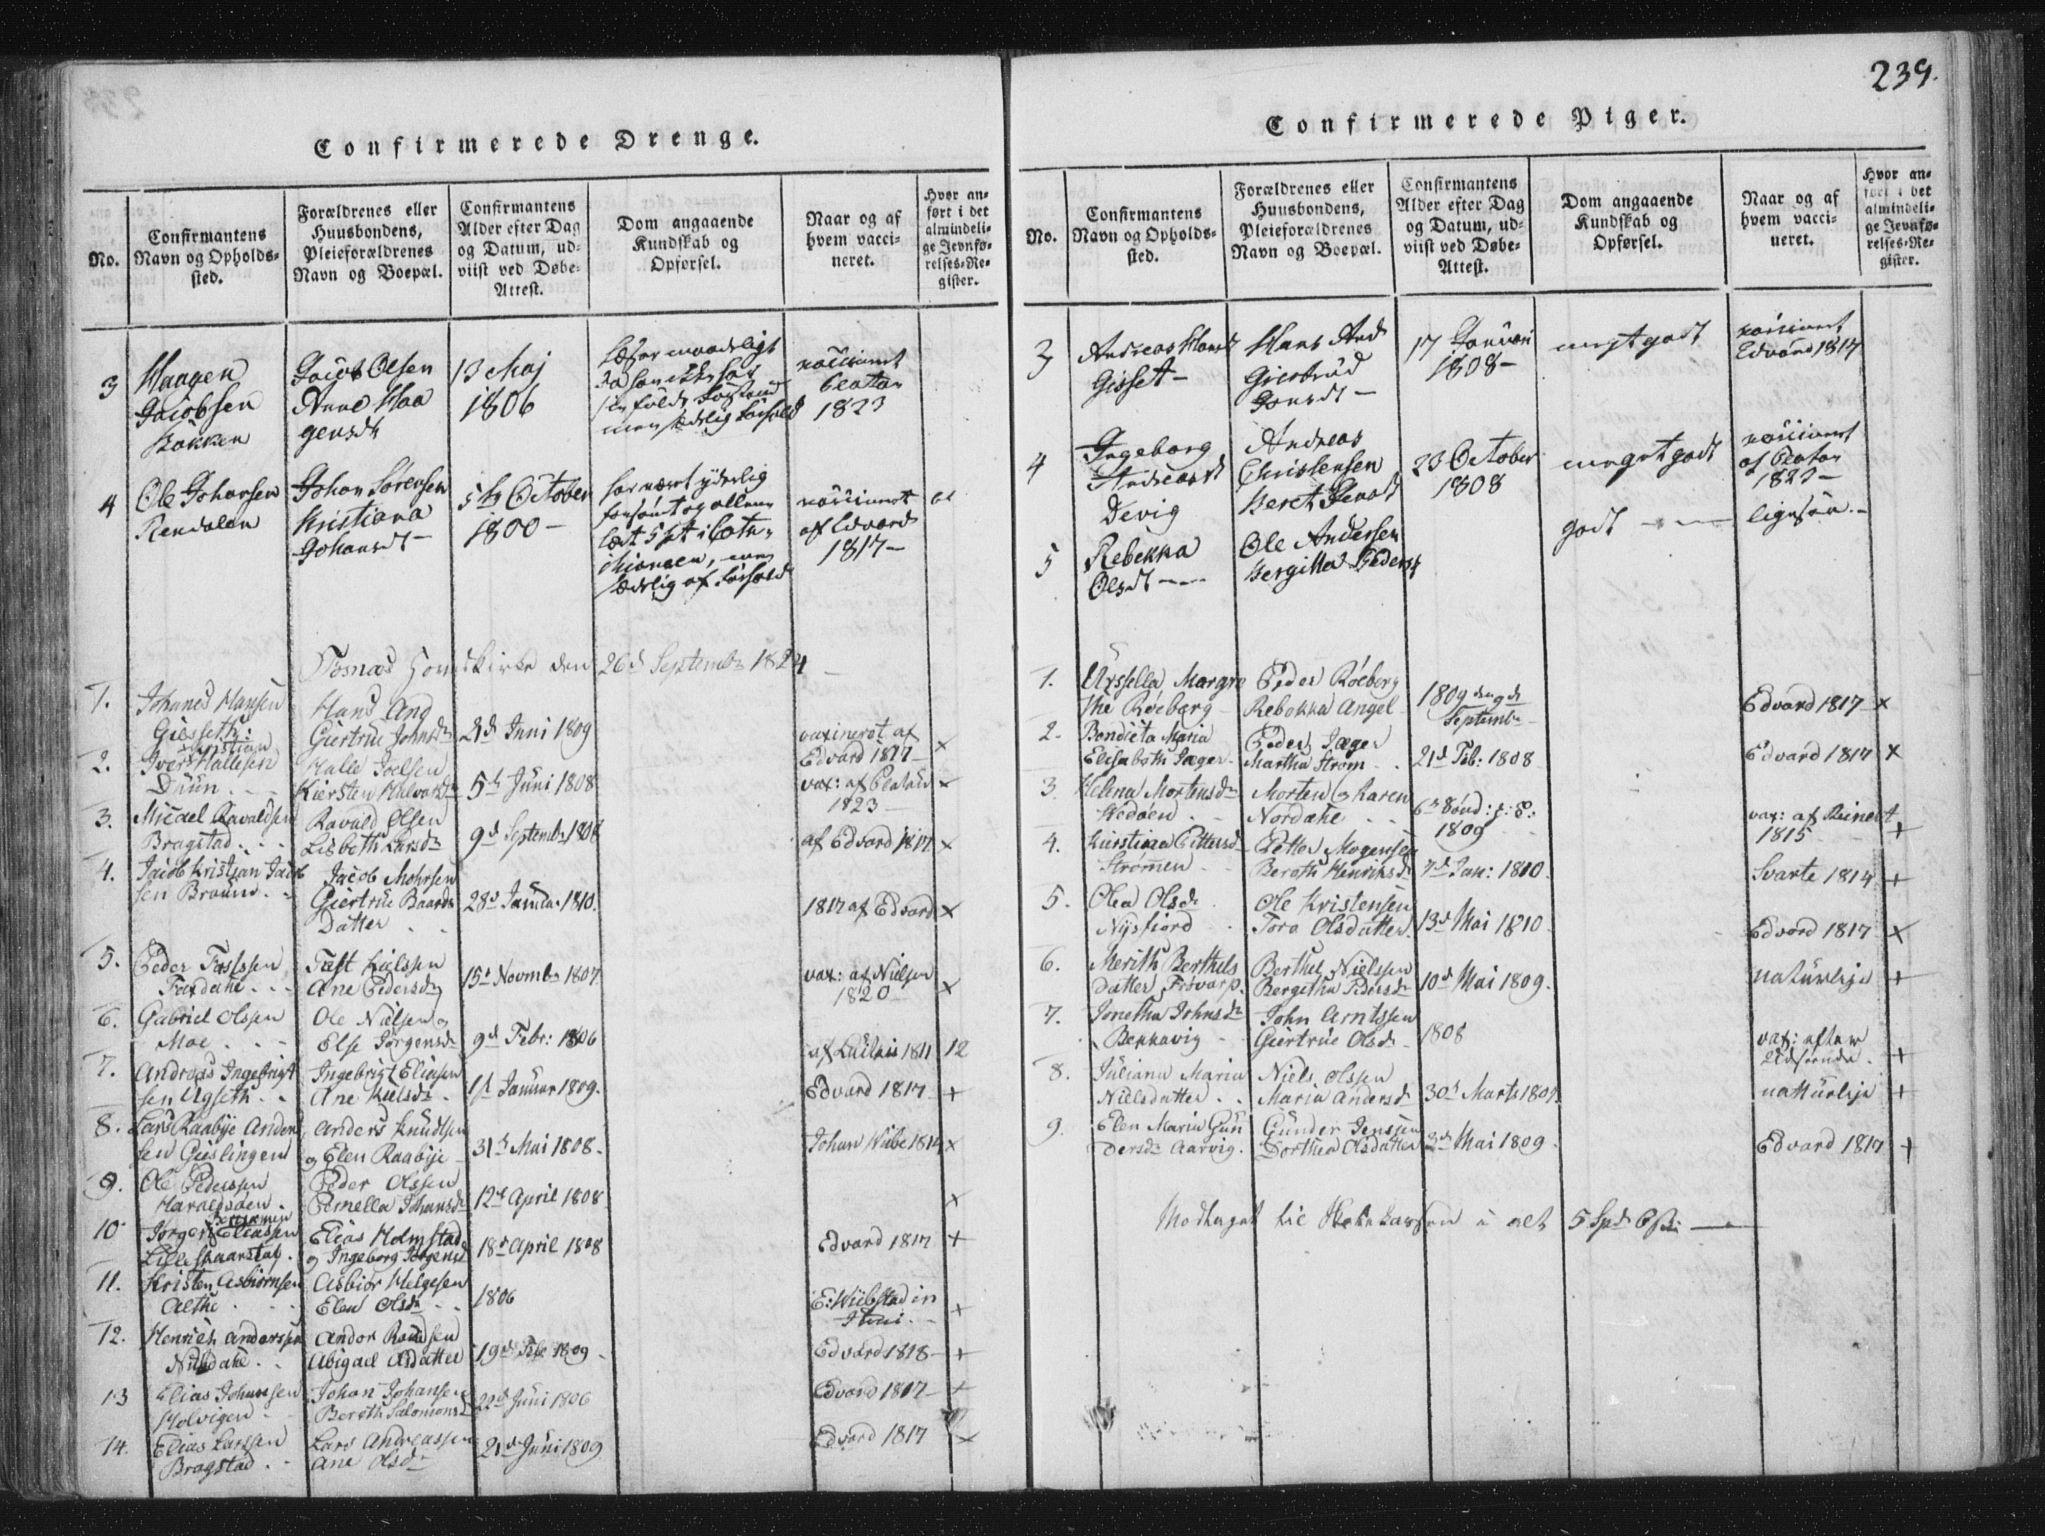 SAT, Ministerialprotokoller, klokkerbøker og fødselsregistre - Nord-Trøndelag, 773/L0609: Ministerialbok nr. 773A03 /1, 1815-1830, s. 239